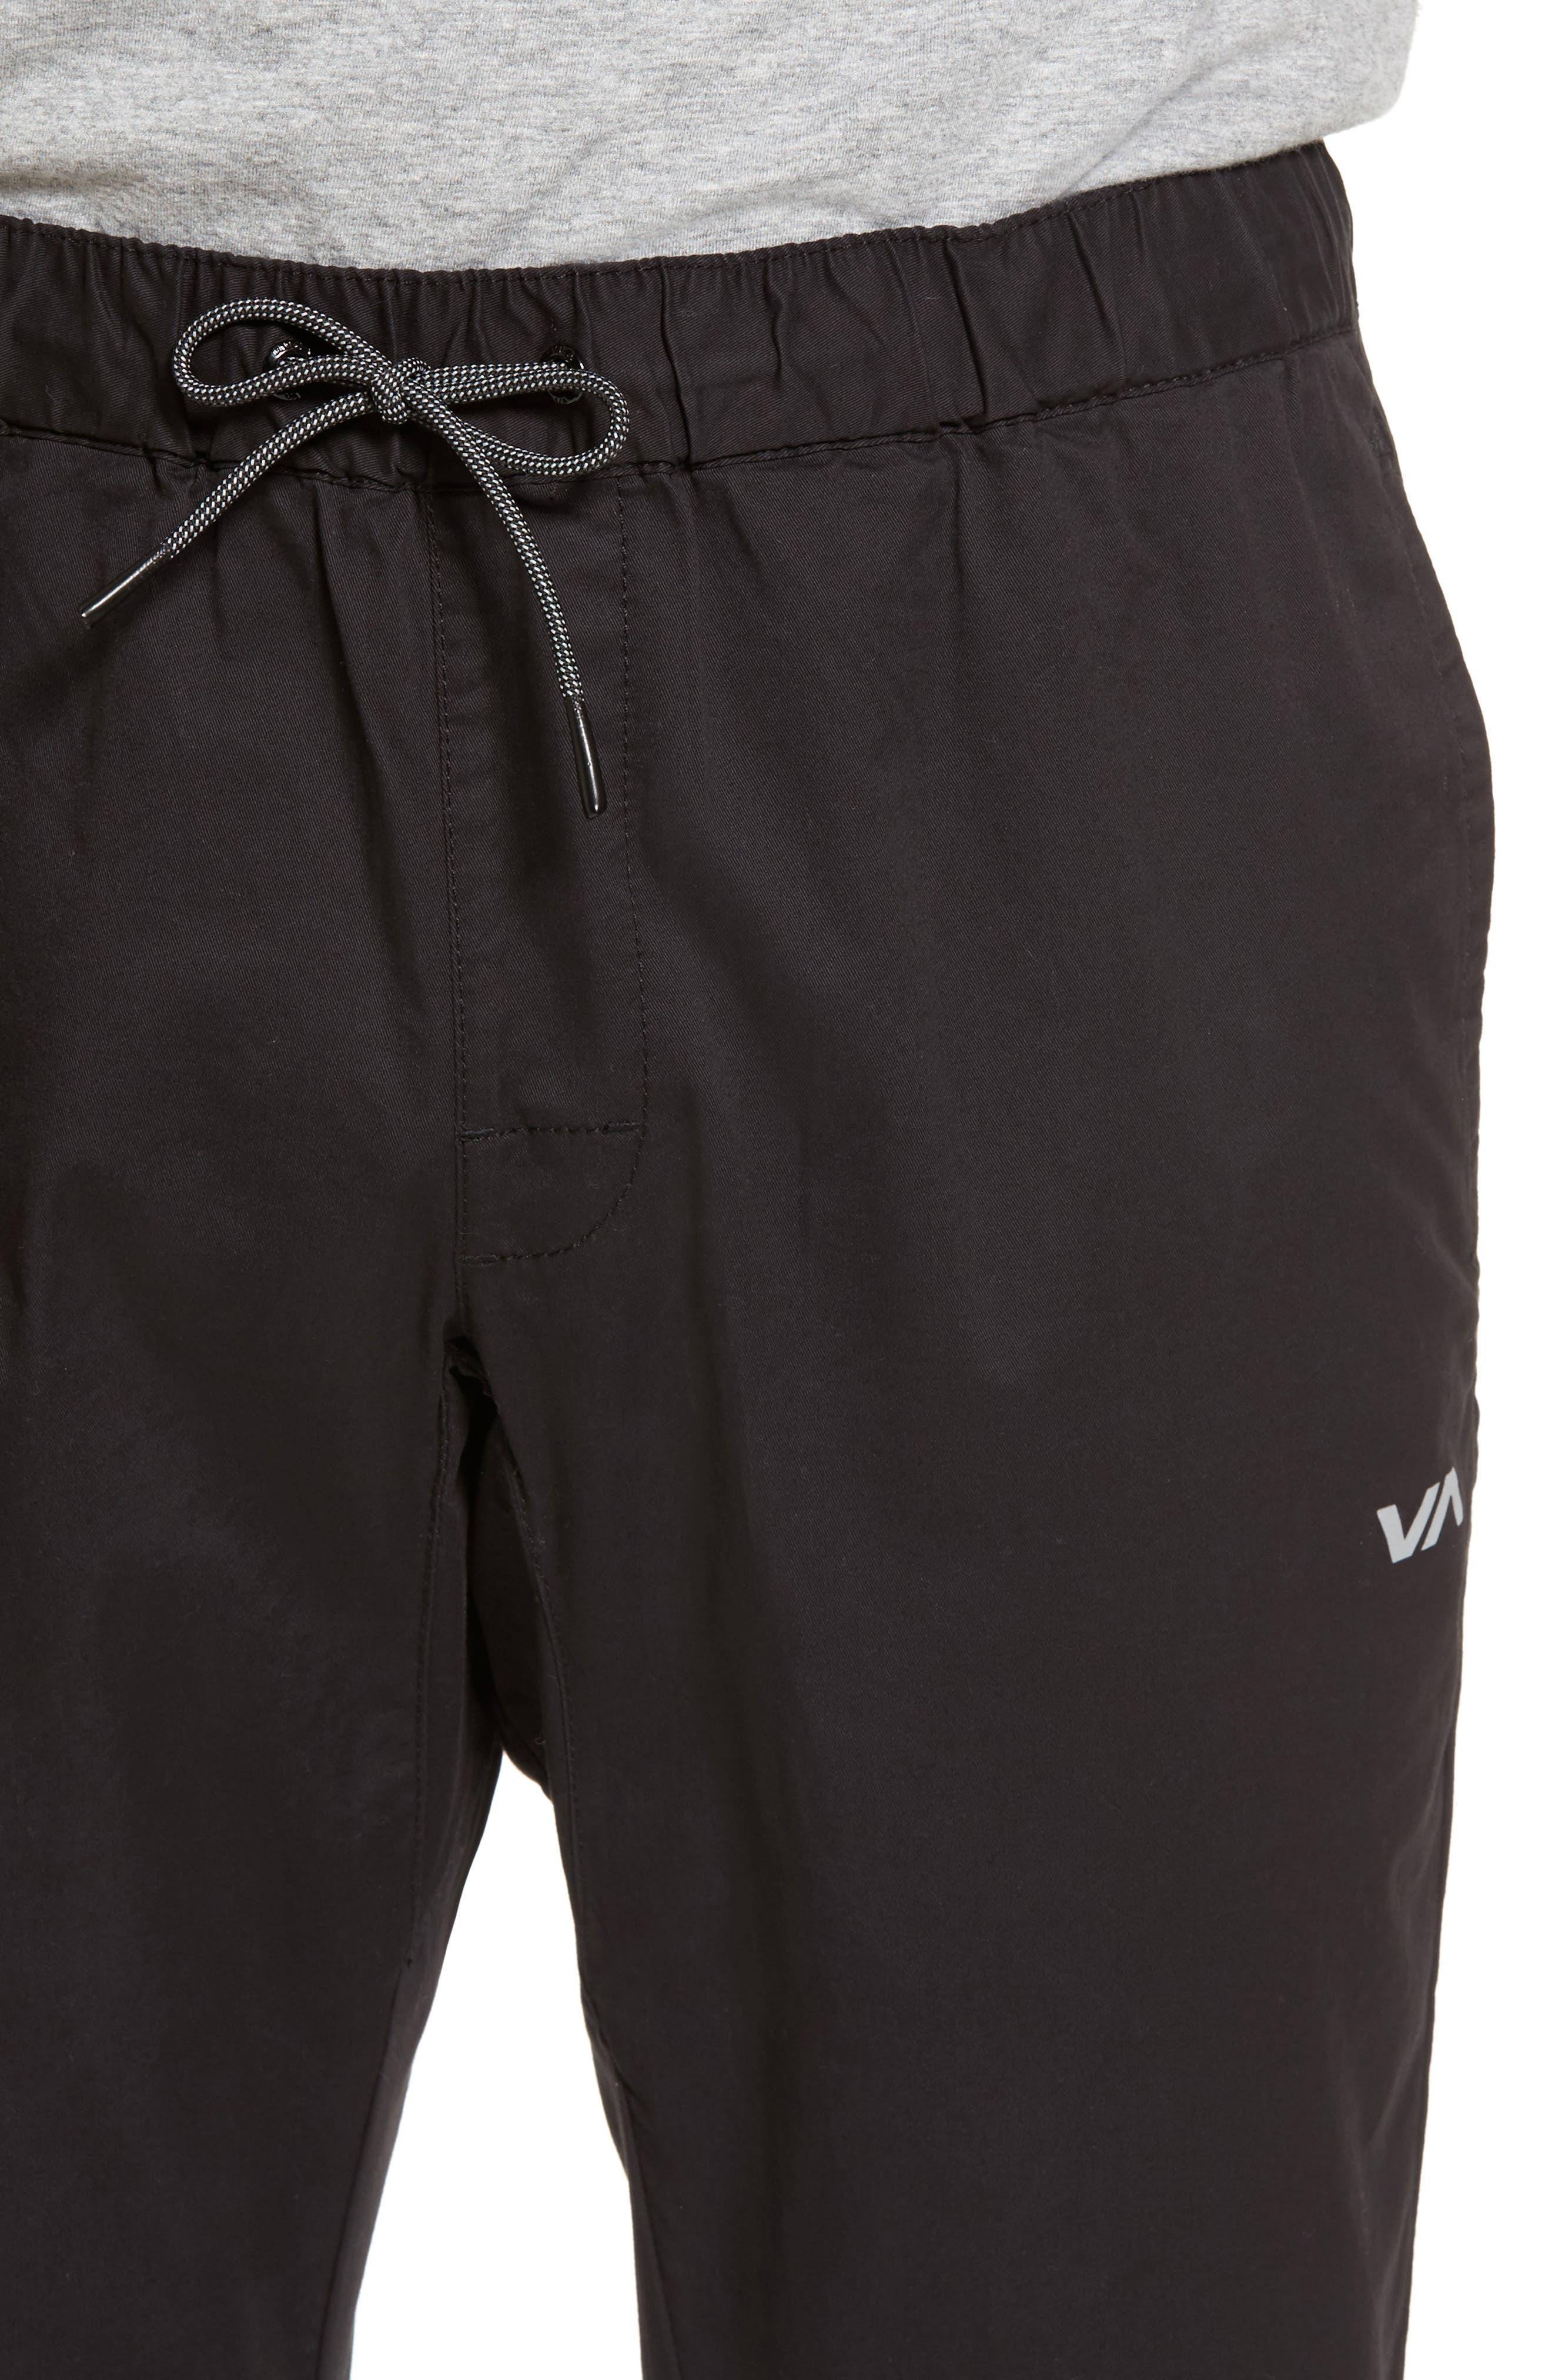 Spectrum Sport Pants,                             Alternate thumbnail 4, color,                             Black